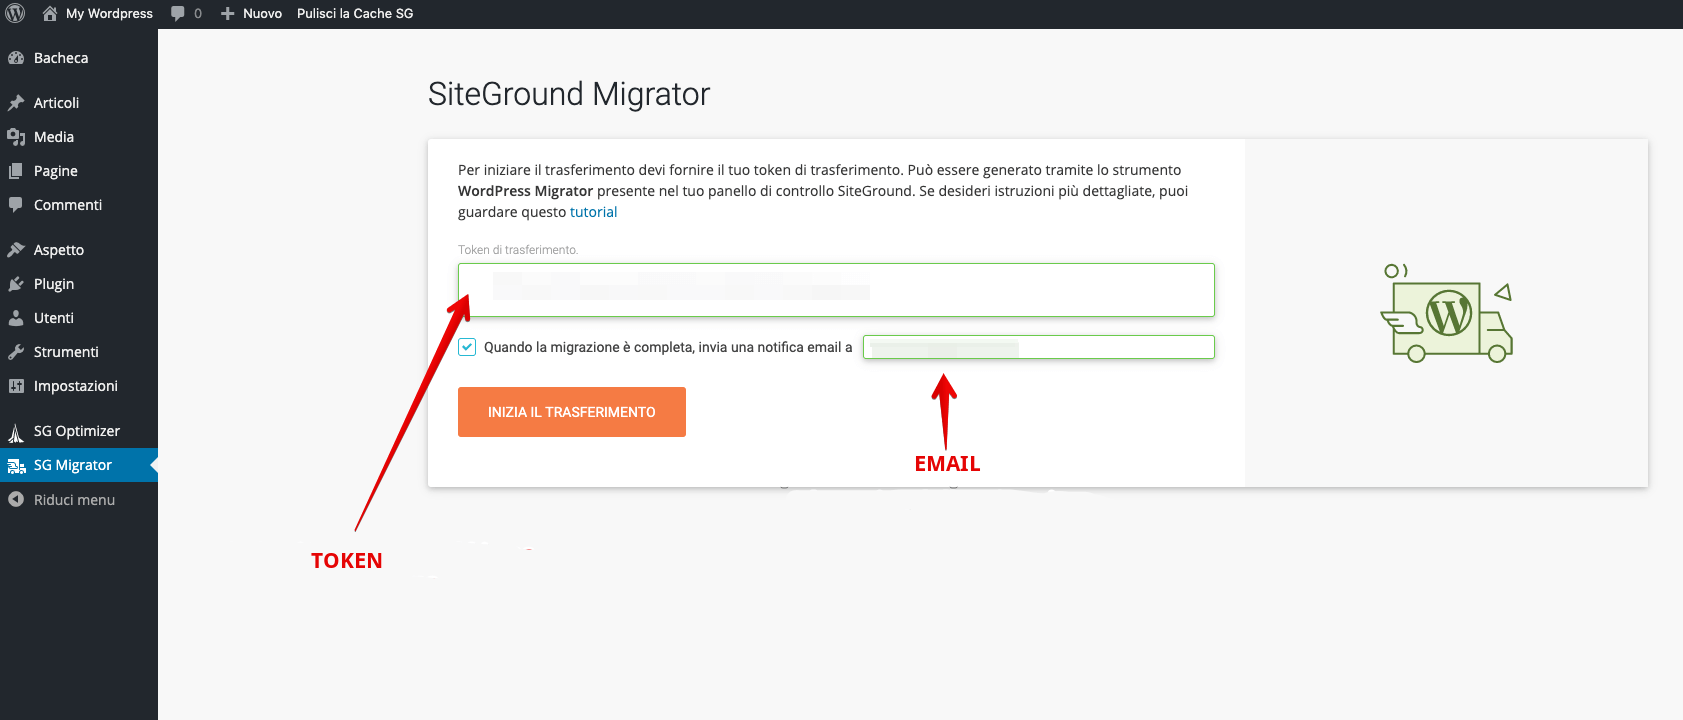 Cómo instalar el migrador siteground en un sitio de wordpress para hacer una migración de un alojamiento a'otro